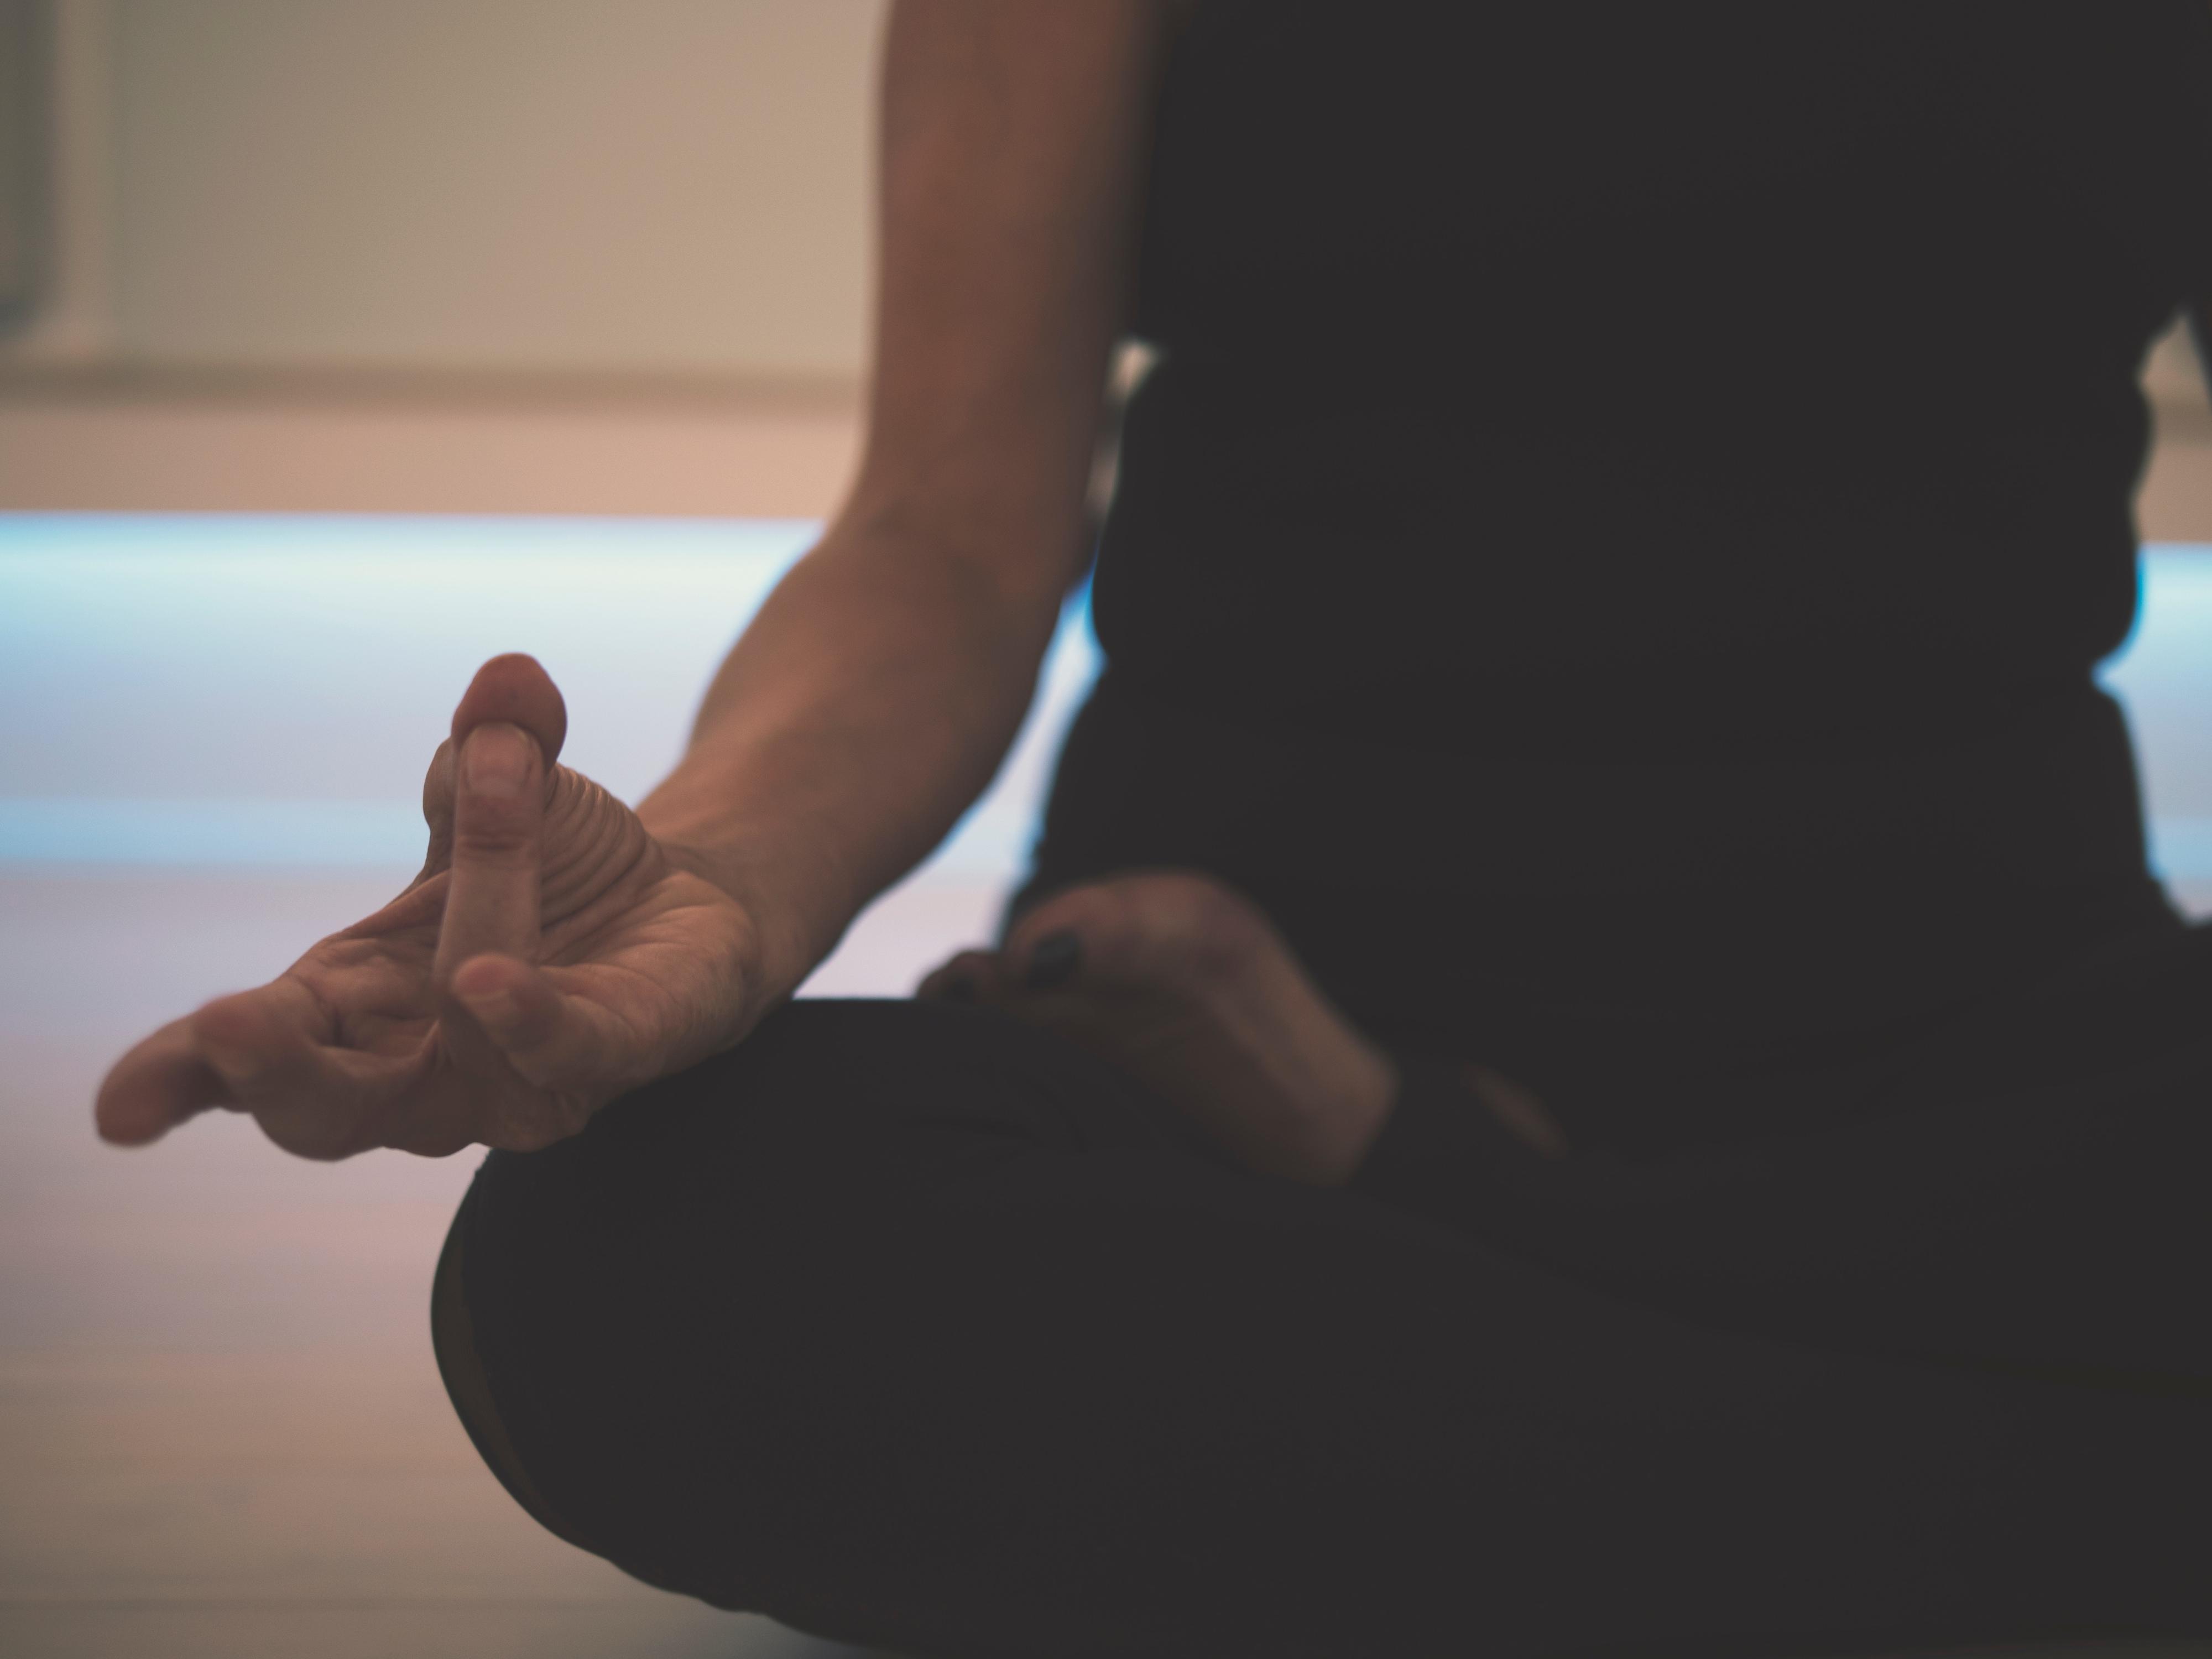 Lotoso poza meditacijai